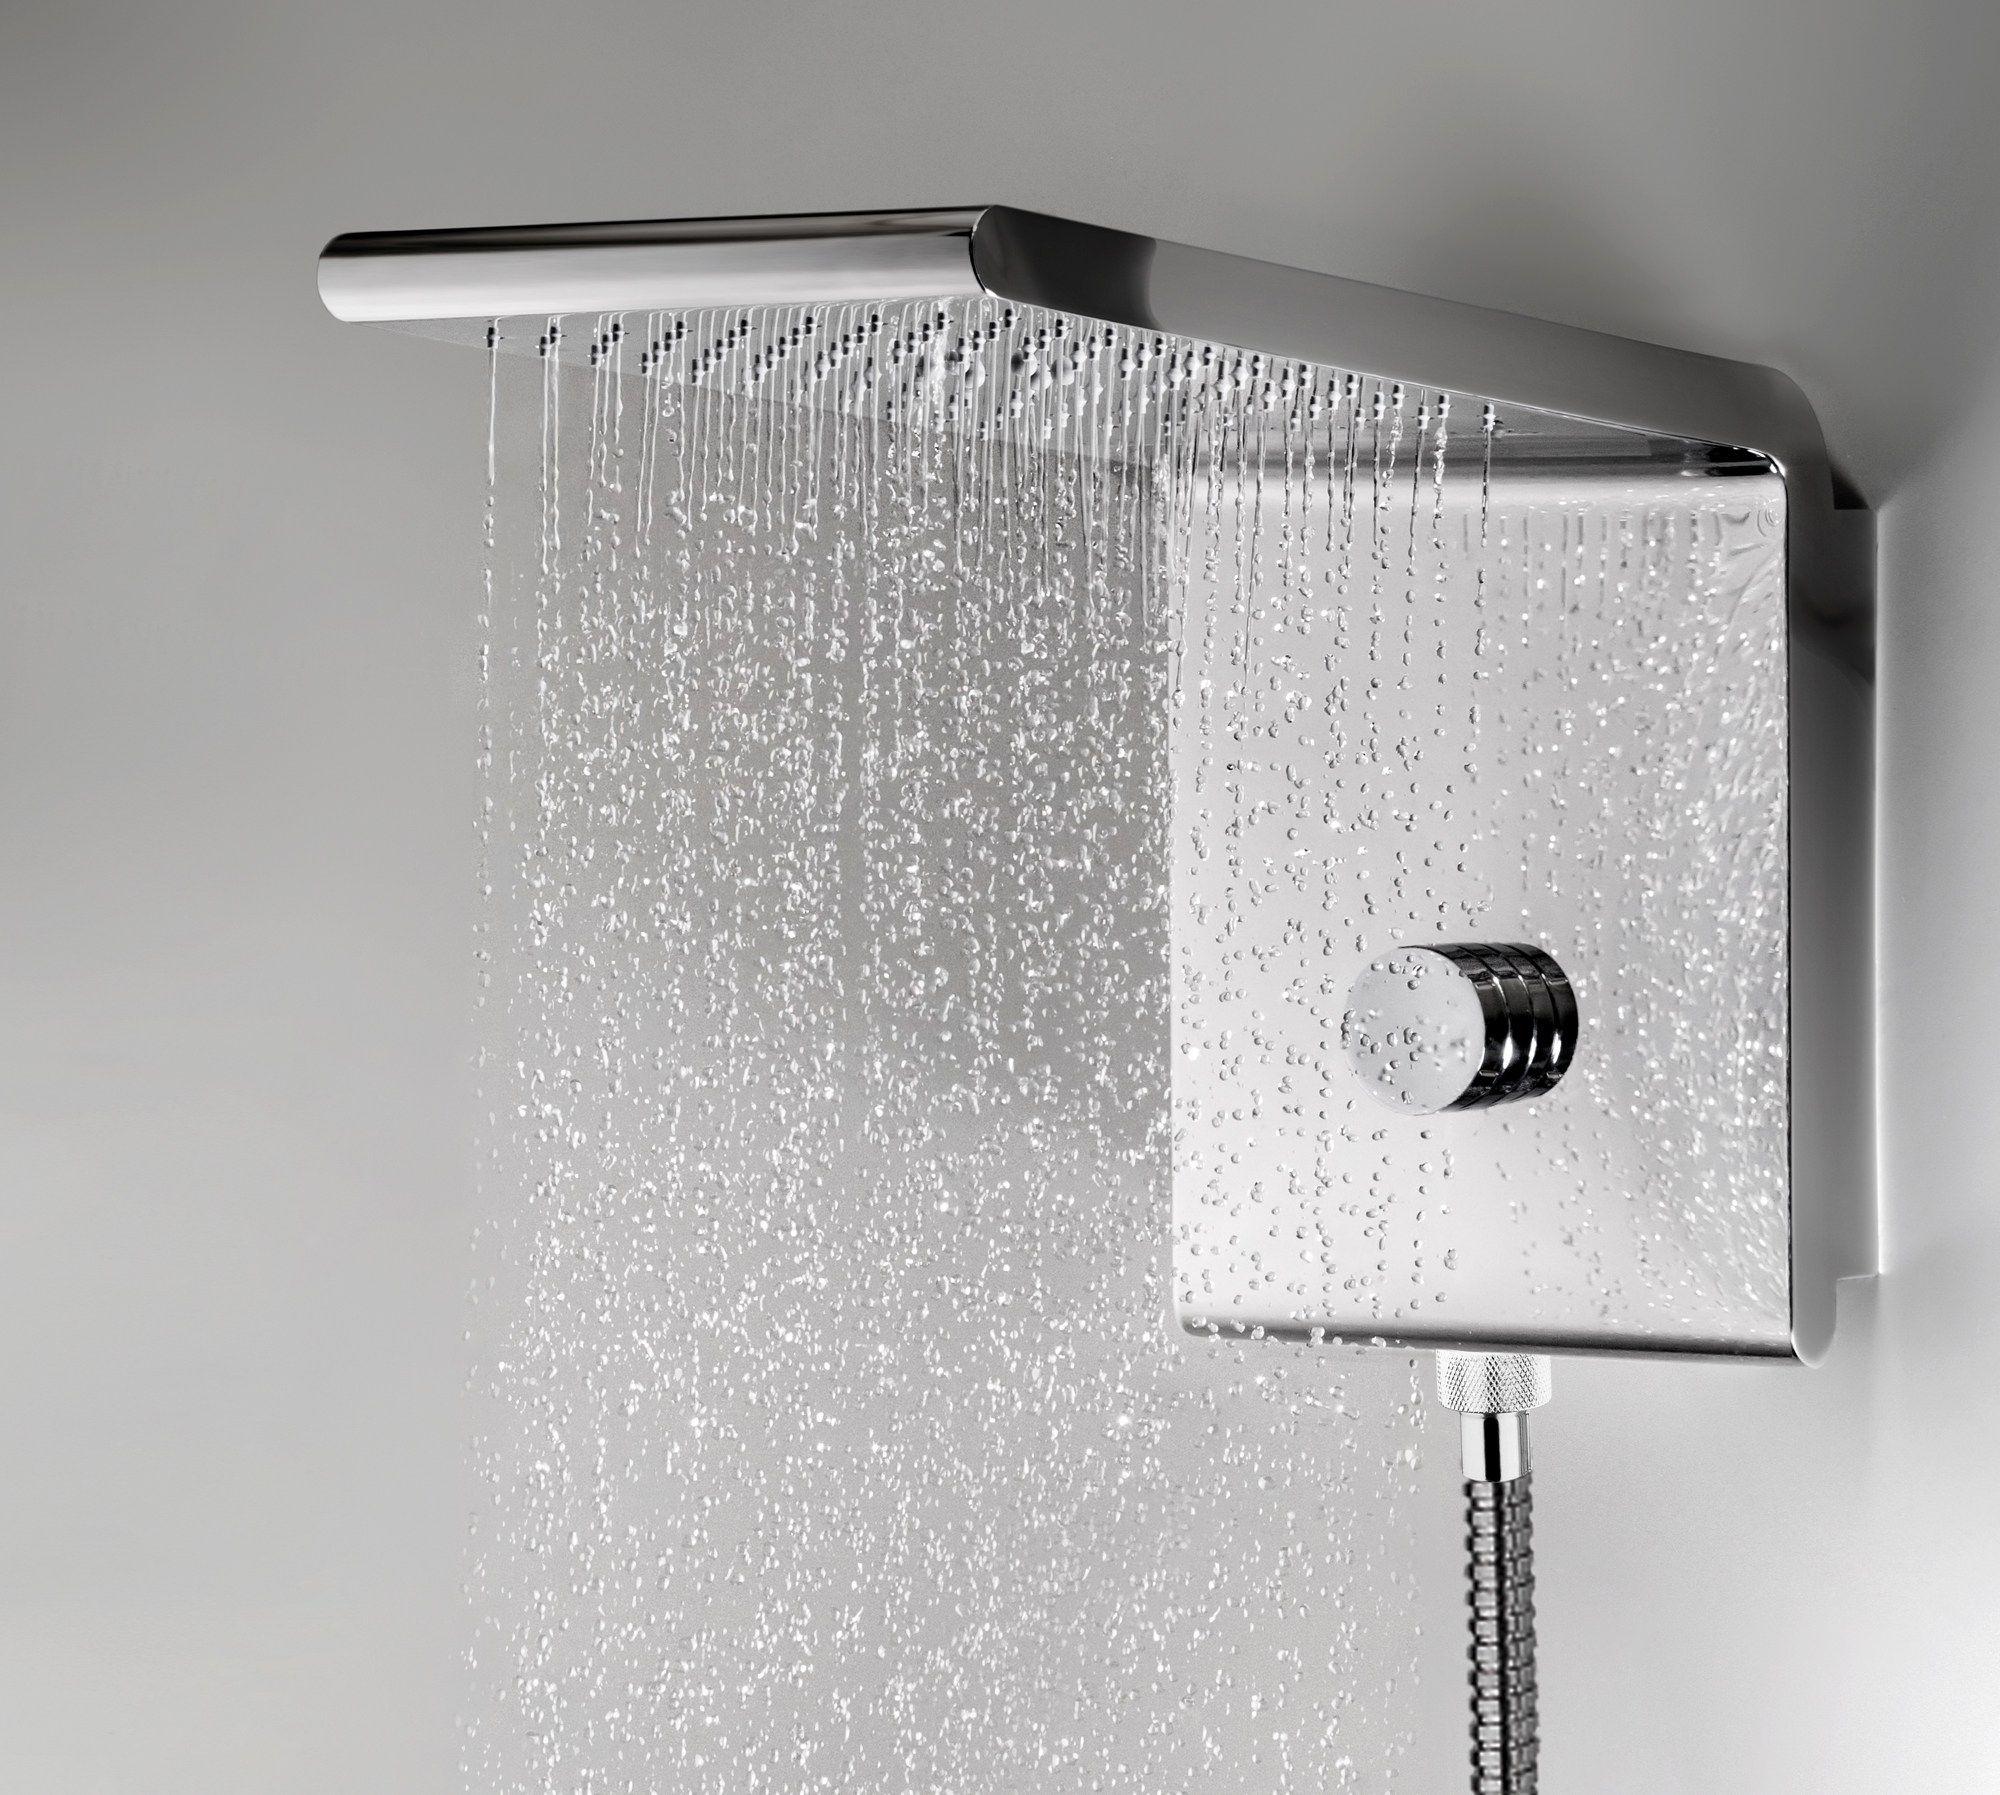 Soffione a cascata a muro a pioggia in acciaio inox in - Soffione a cascata ...